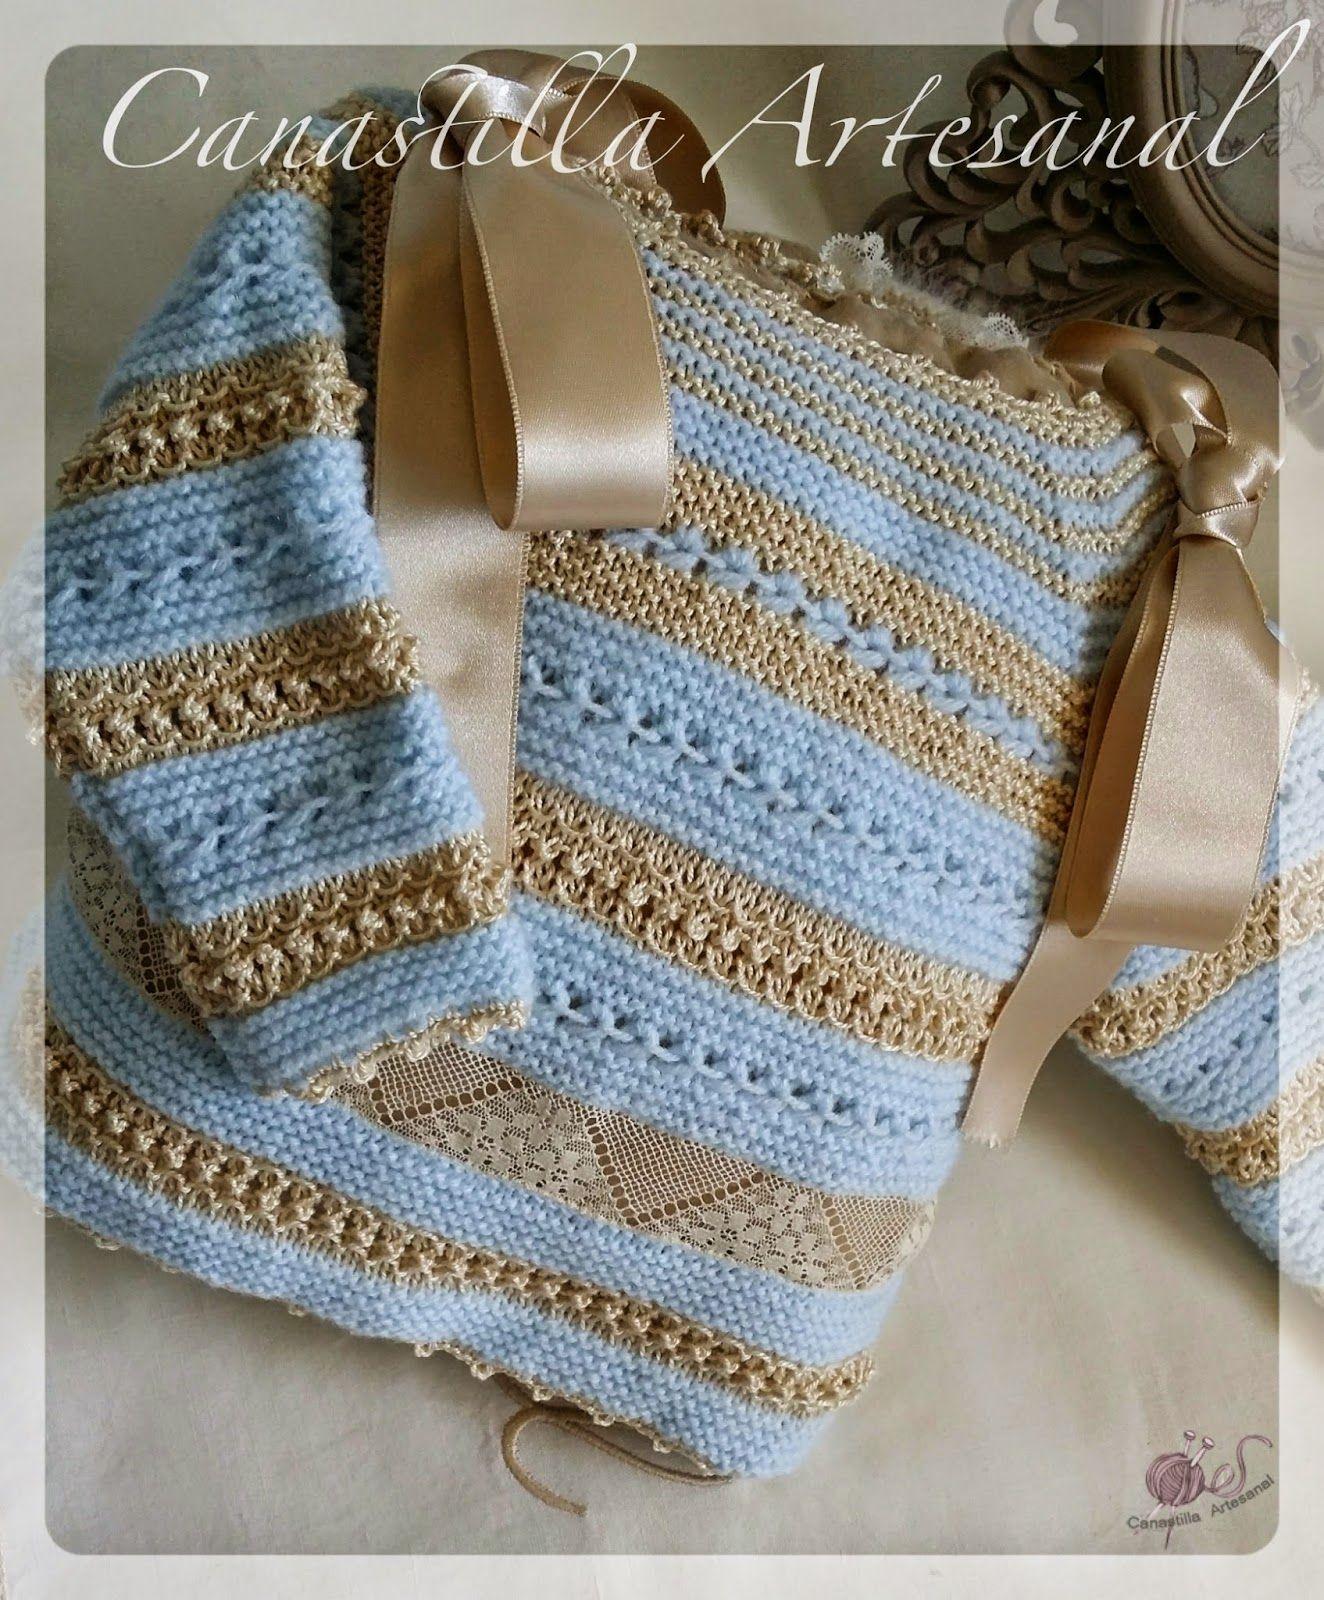 Canastilla artesanal bebe pinterest crochet babies - Canastilla artesanal bebe ...